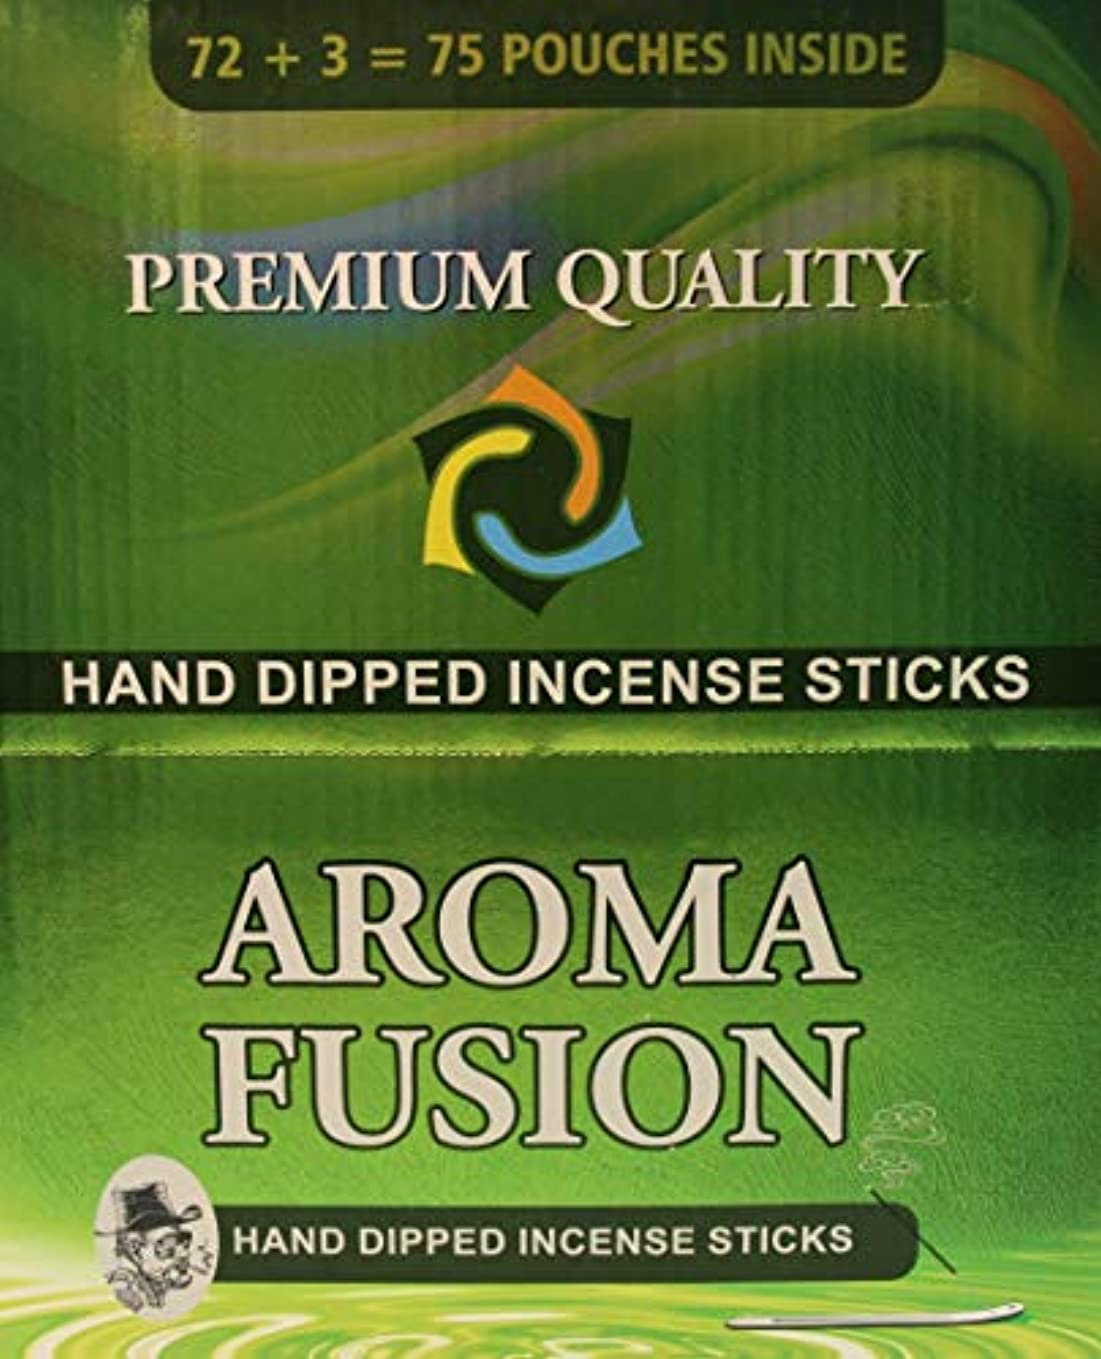 チャネル別々に送信するアロマフュージョンプレミアム品質手染めお香スティック   75種類ポーチ   合計1,125本   20種類の香り   お香ディスプレイケース